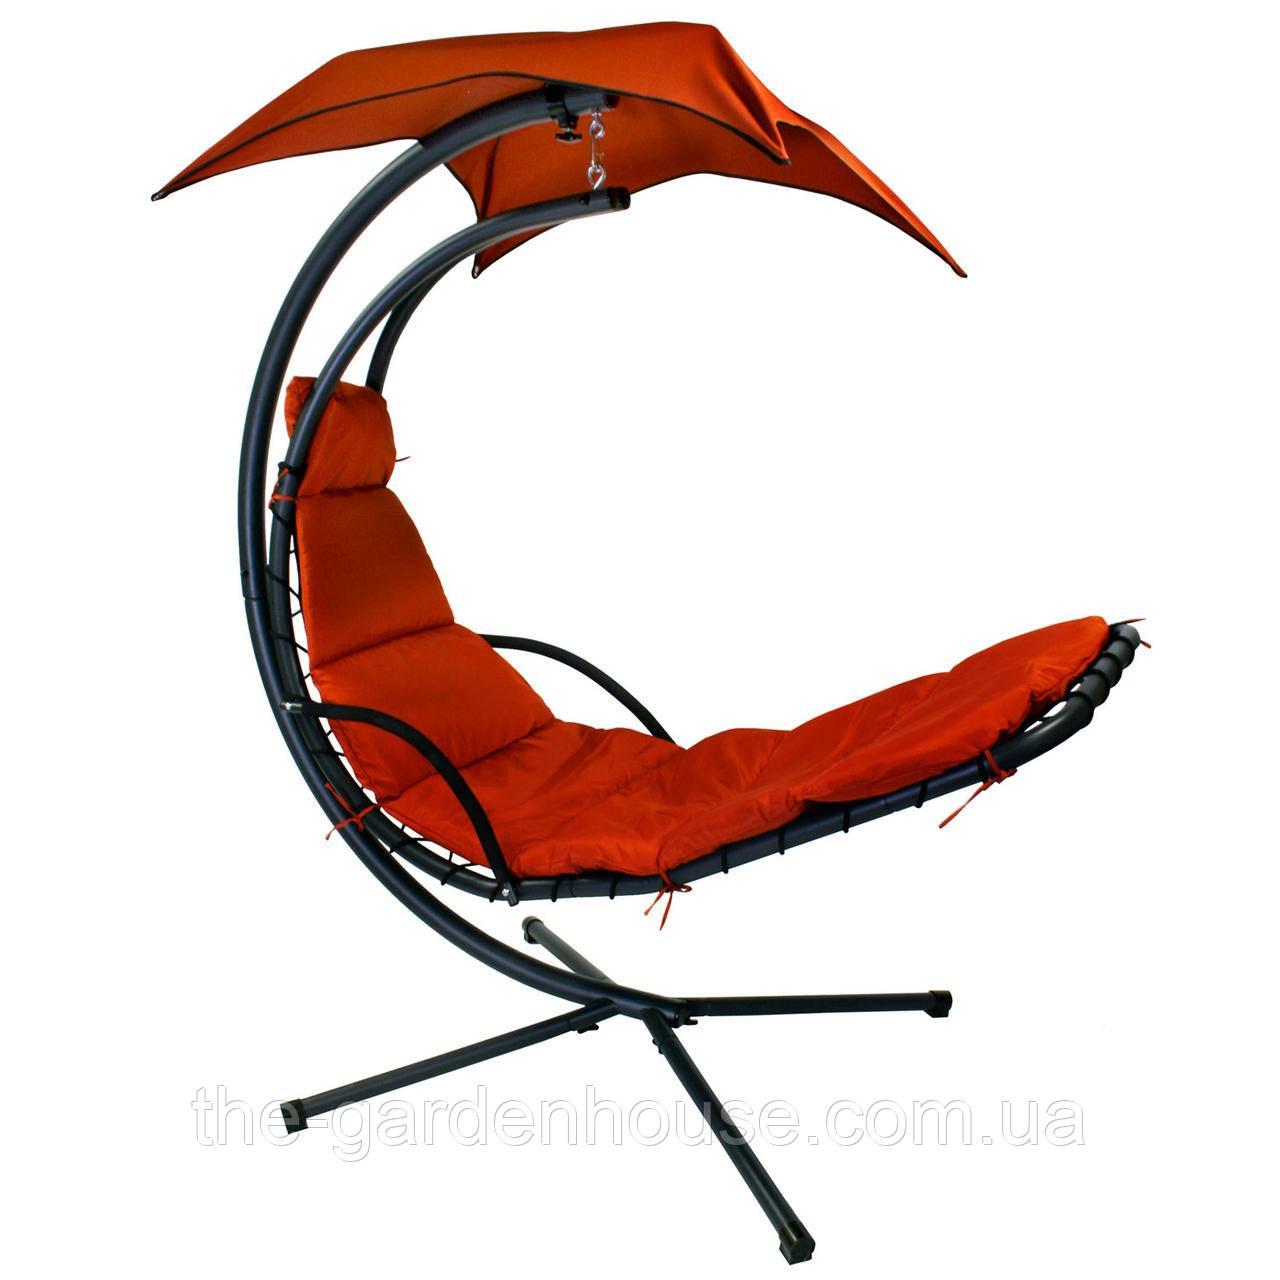 Подвесное кресло-шезлонг Dream с зонтиком красный